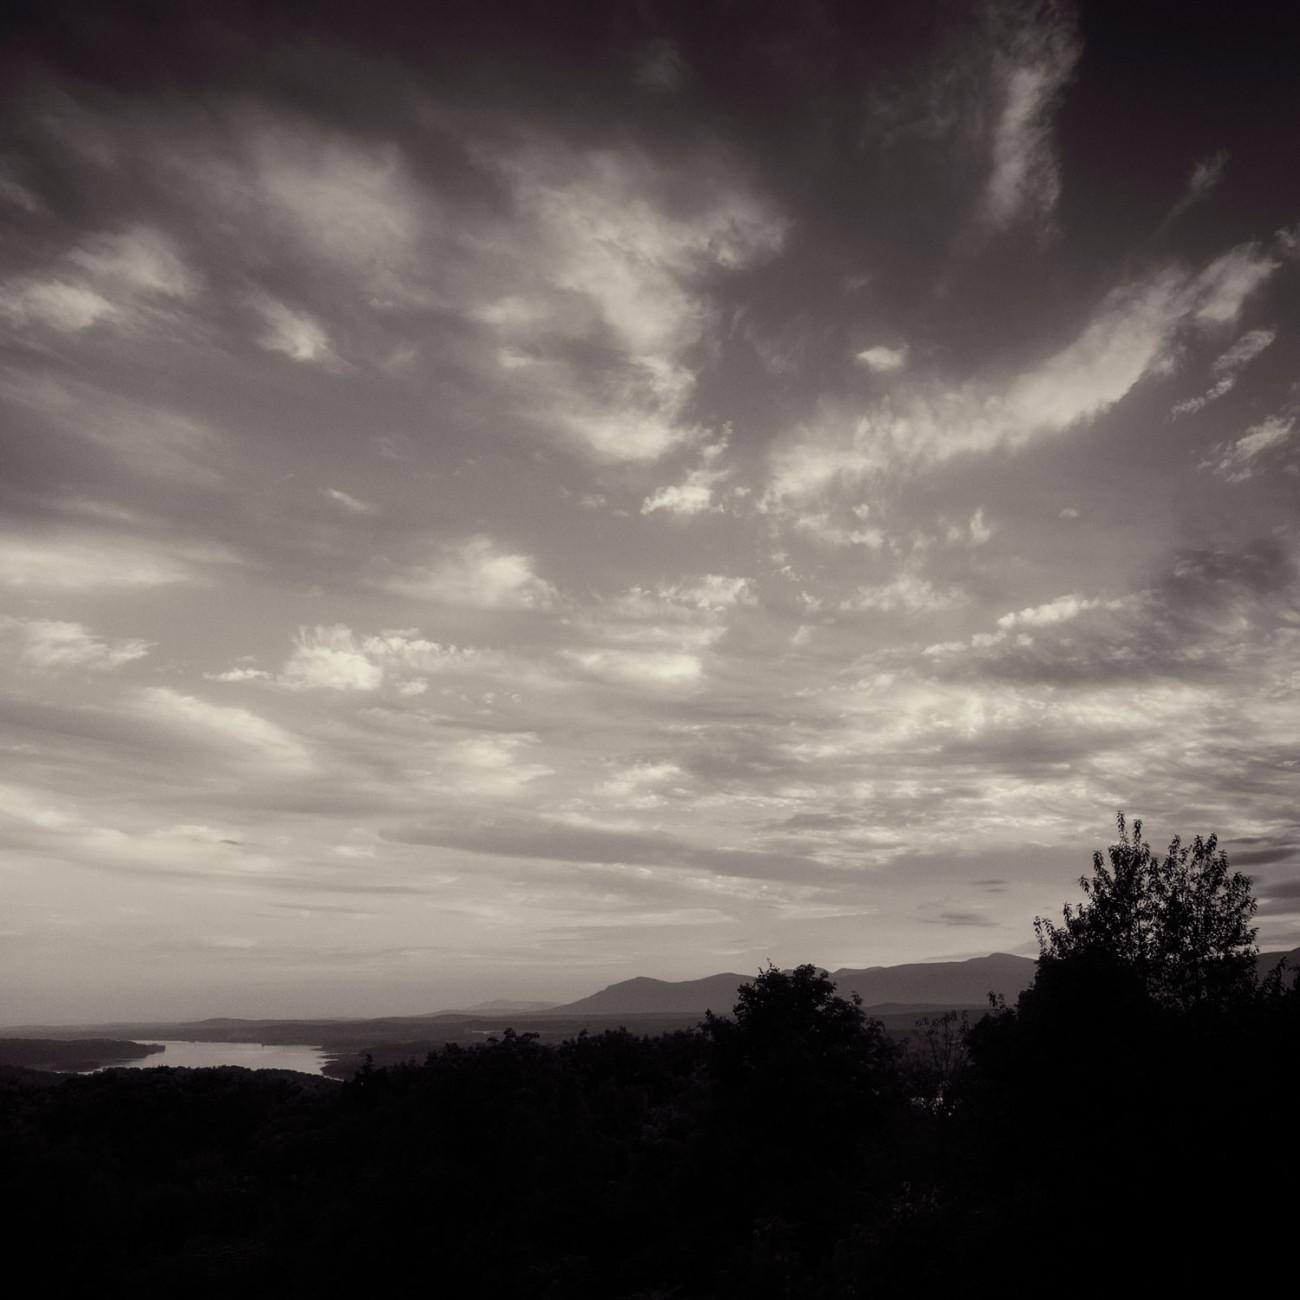 Sunset, Hudson  River Valley, New York, 2013